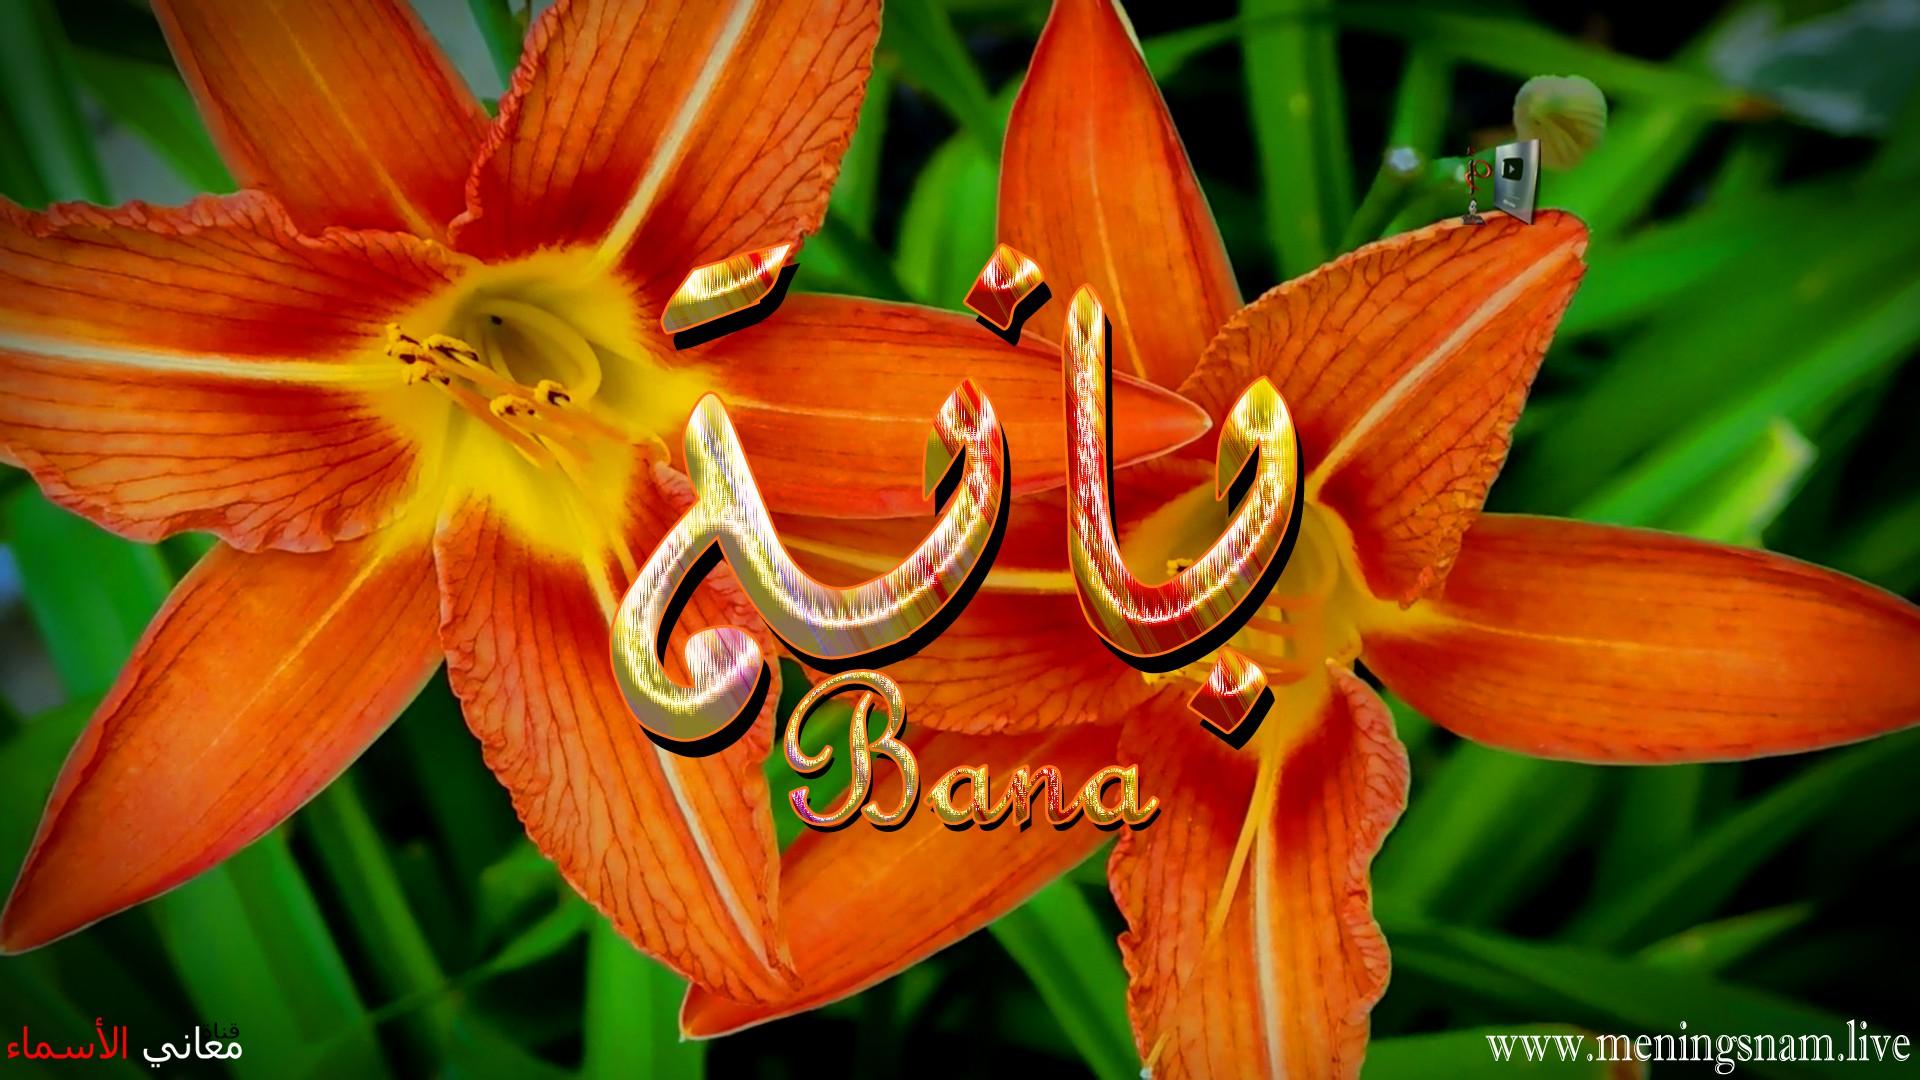 معنى اسم بانة وصفات حاملة هذا الاسم Bana